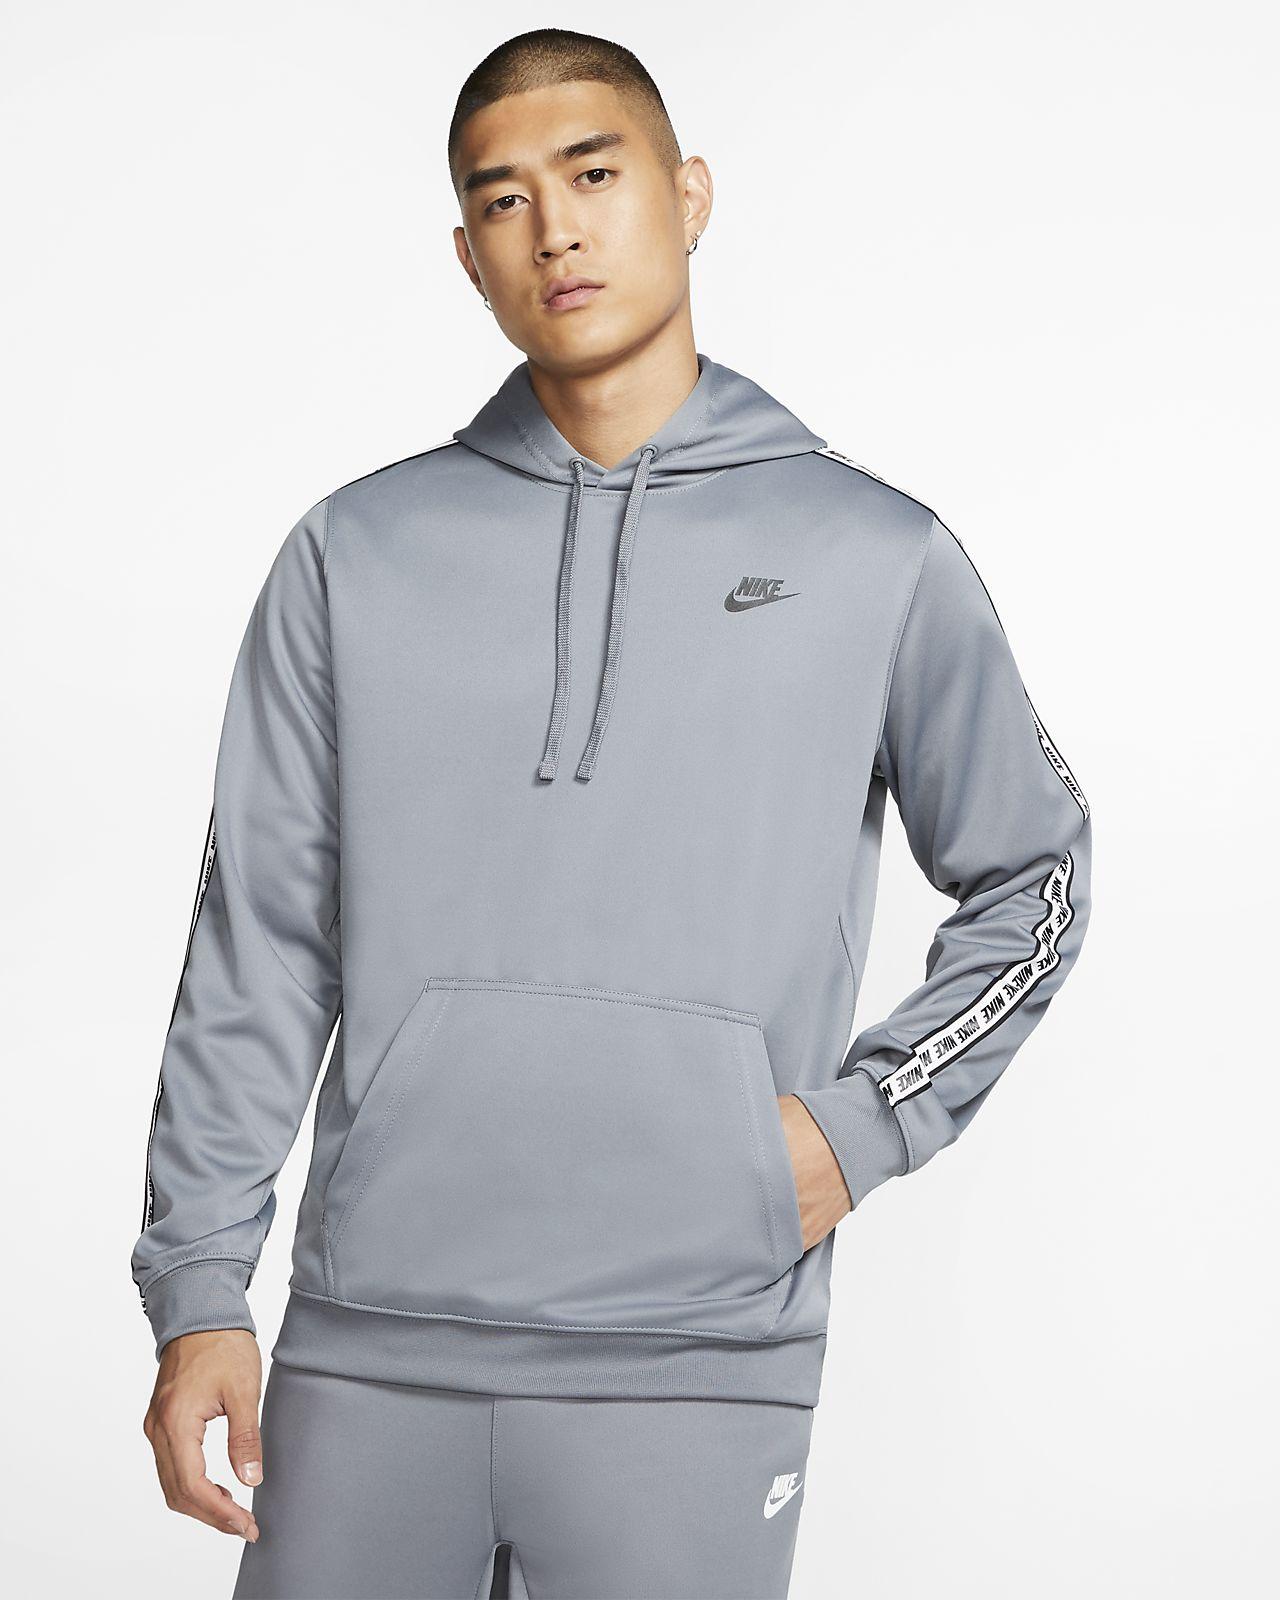 Nike Sportswear Pullover hettegenser for herre